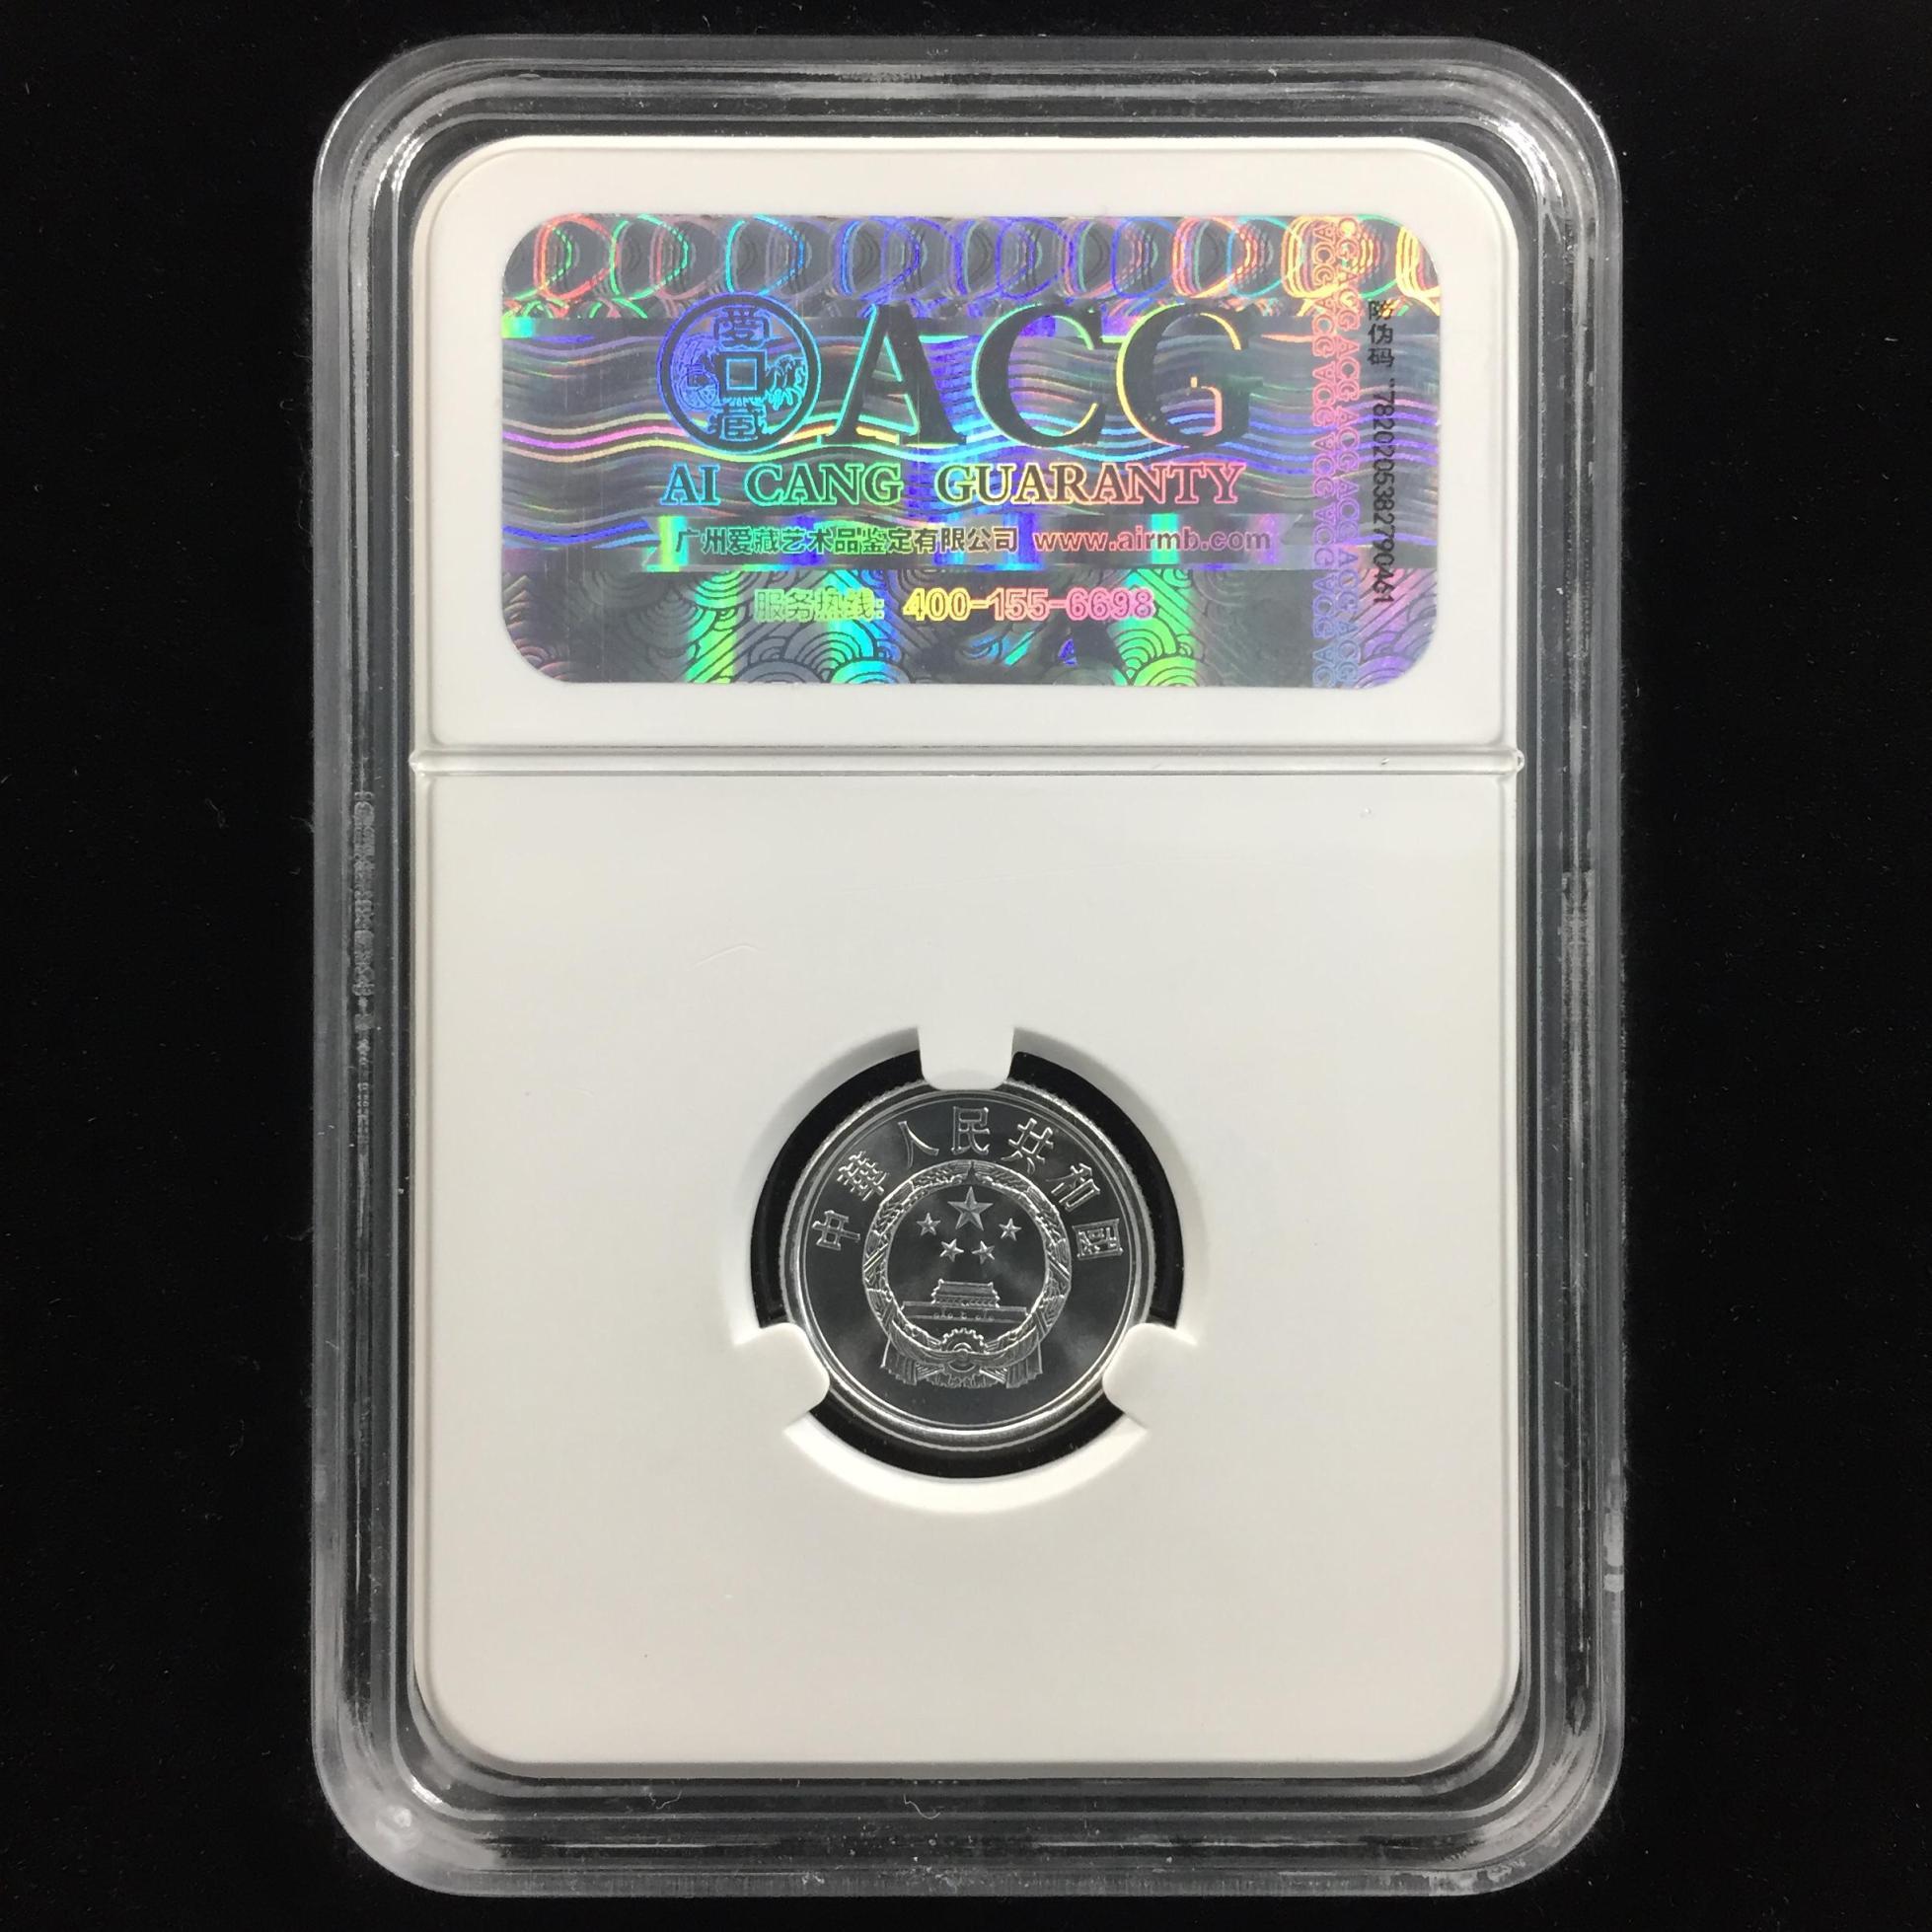 模裂币→2007年1分硬币→ACG鉴定证书-10768230